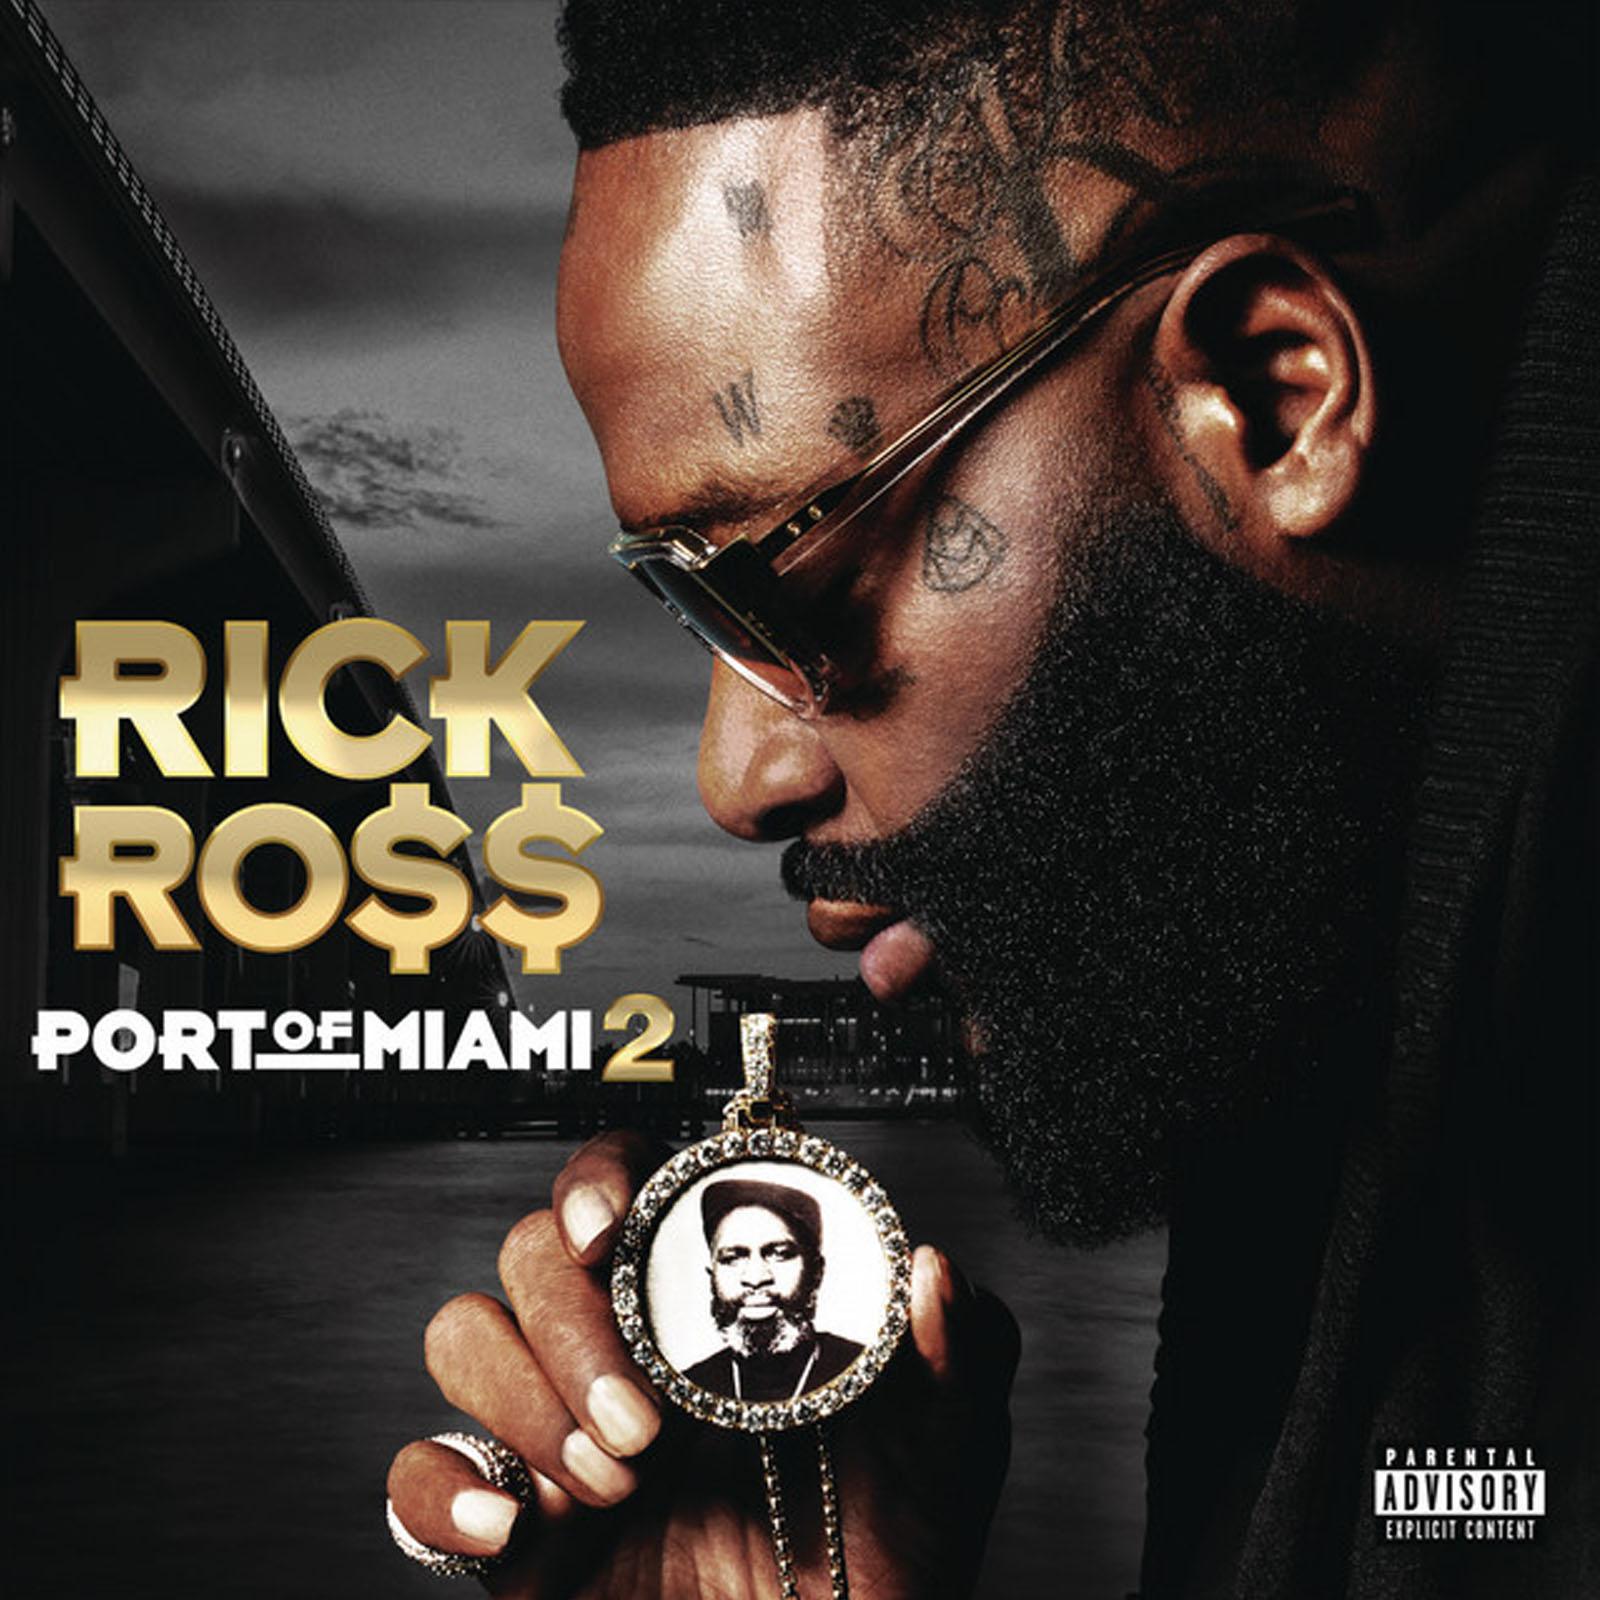 Rick Ross - Port Of Miami 2 | Hiphop.de